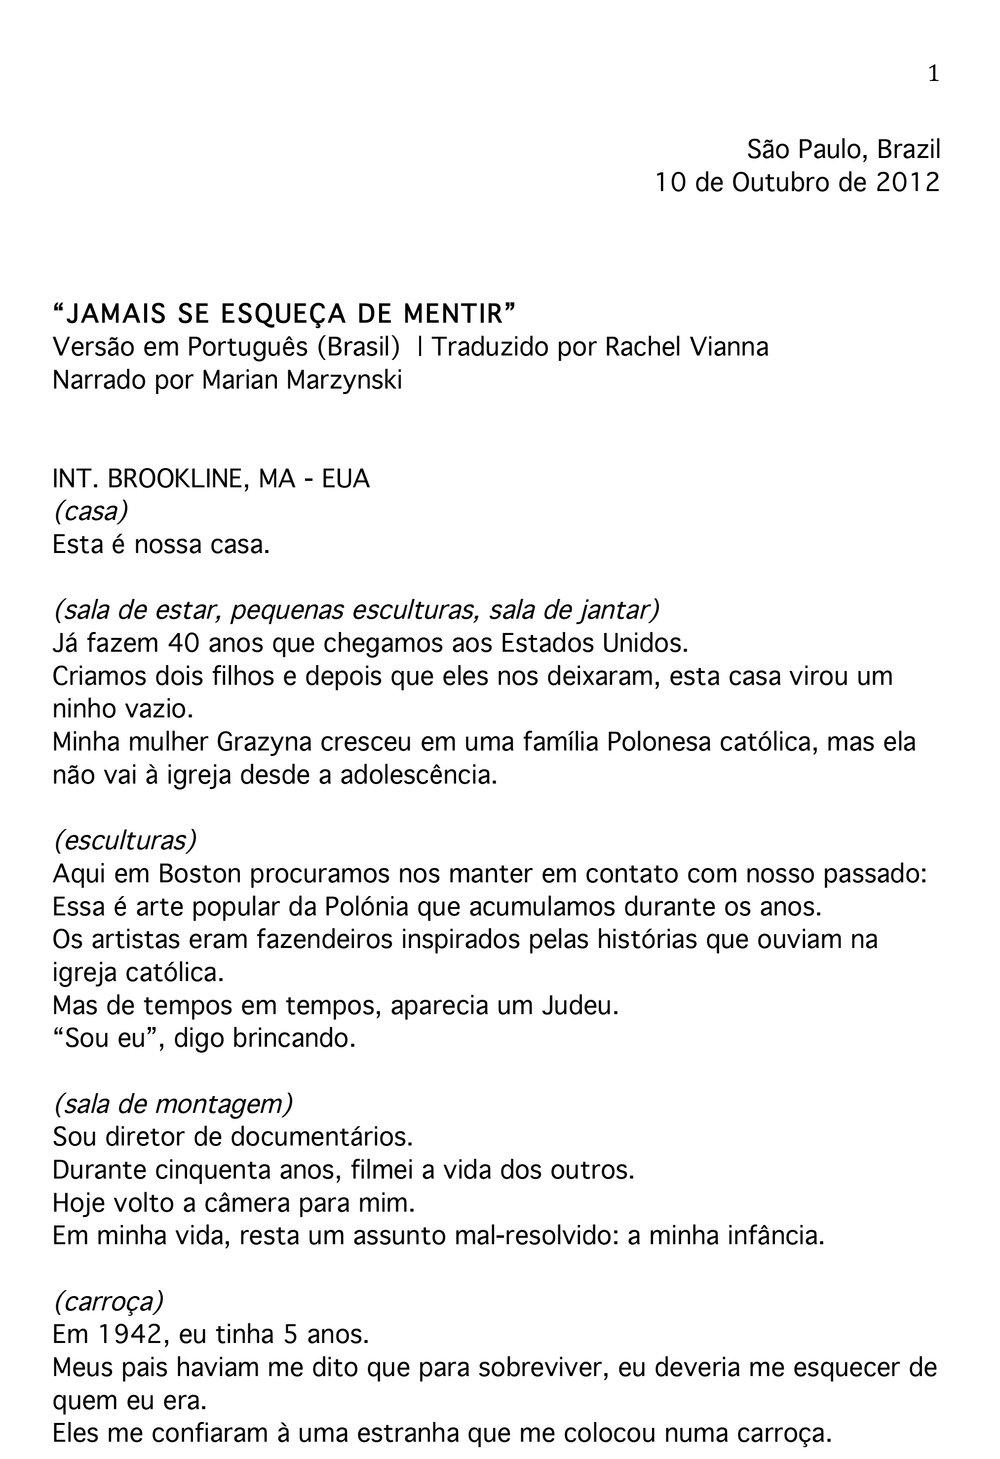 PORTUGUESE-SCRIPT-1.jpg